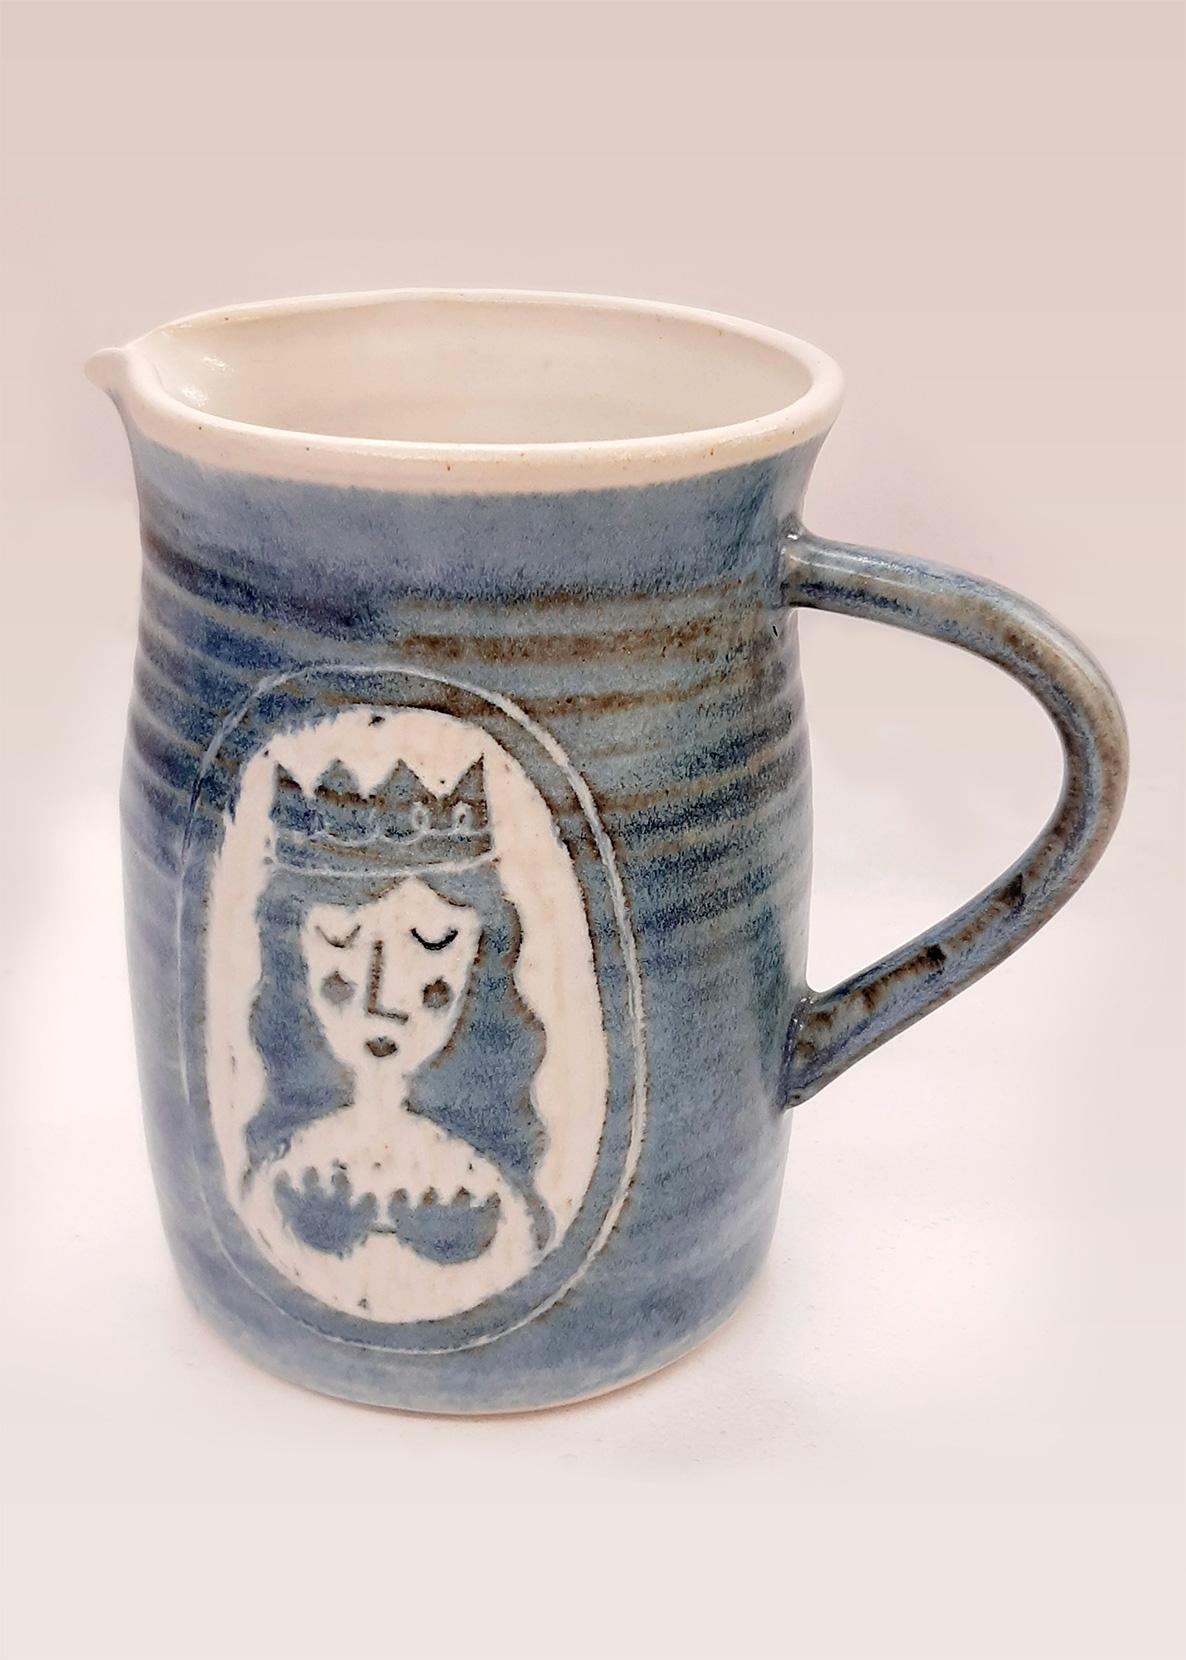 Laura Lane Ceramics - mermaid jug